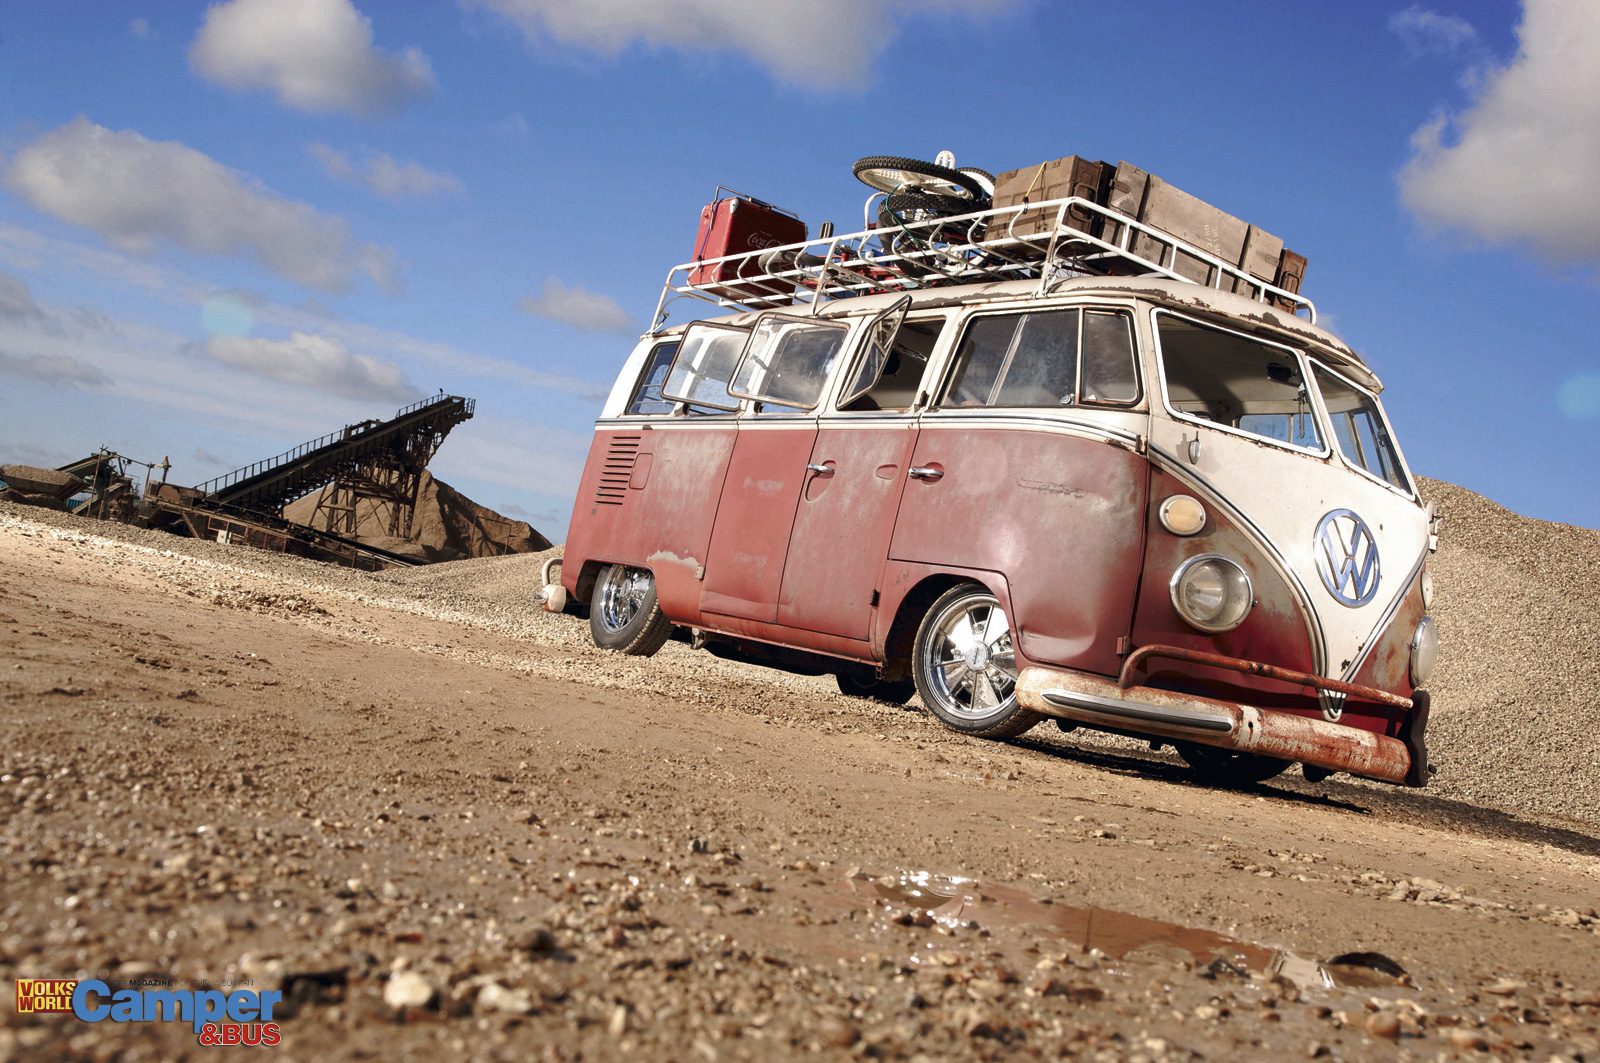 volkswagen buses wallpaper screensavers - photo #11